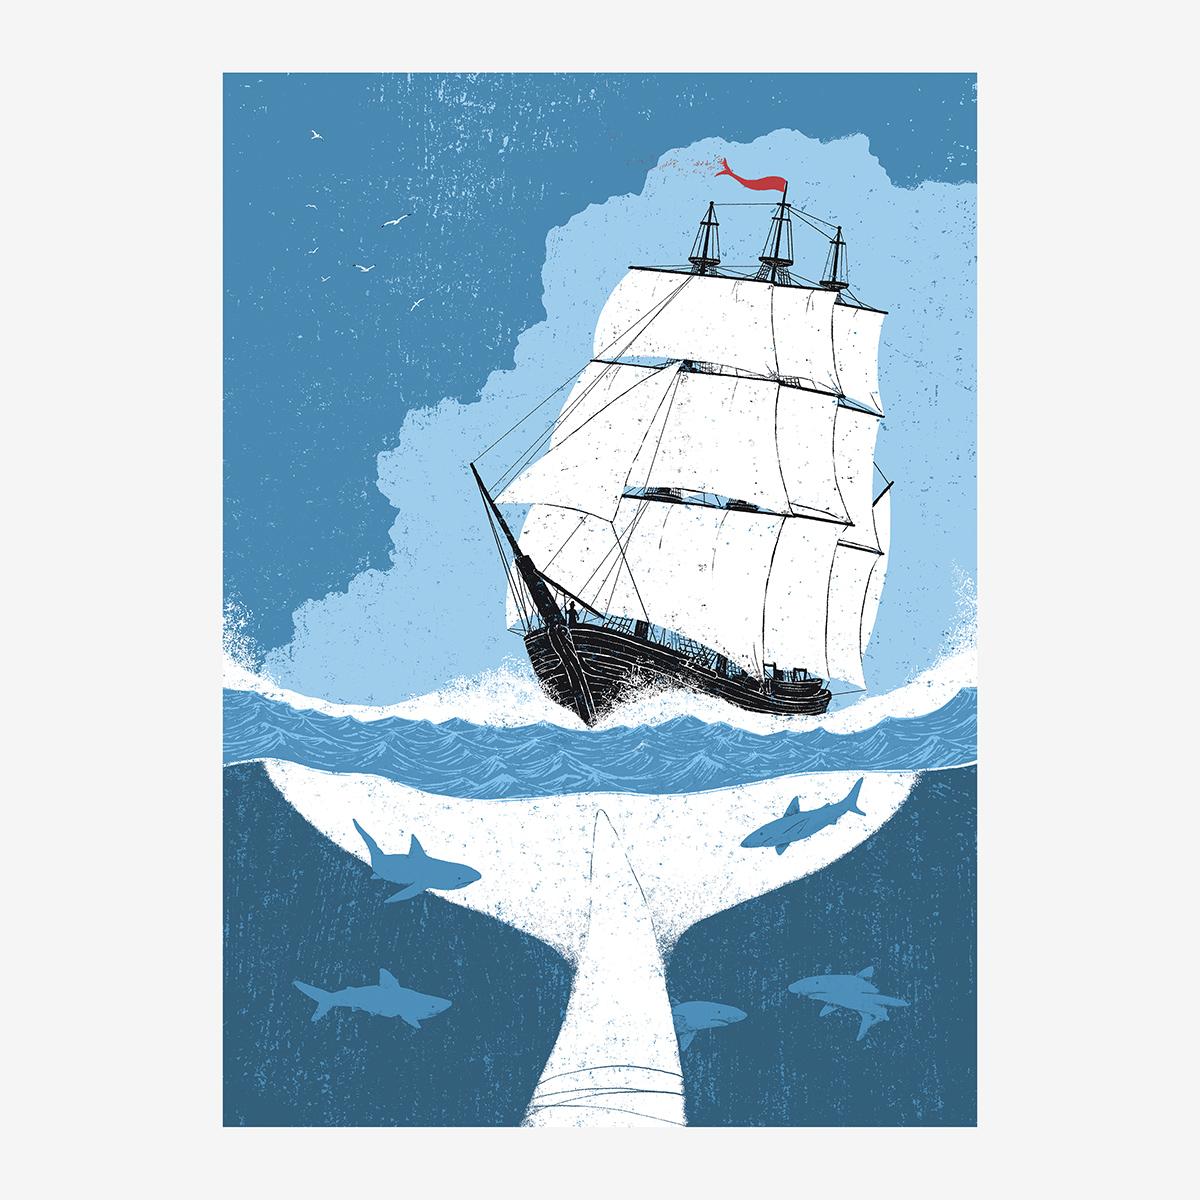 Portadilla Moby Dick ilustrado por Goyo Rodríguez